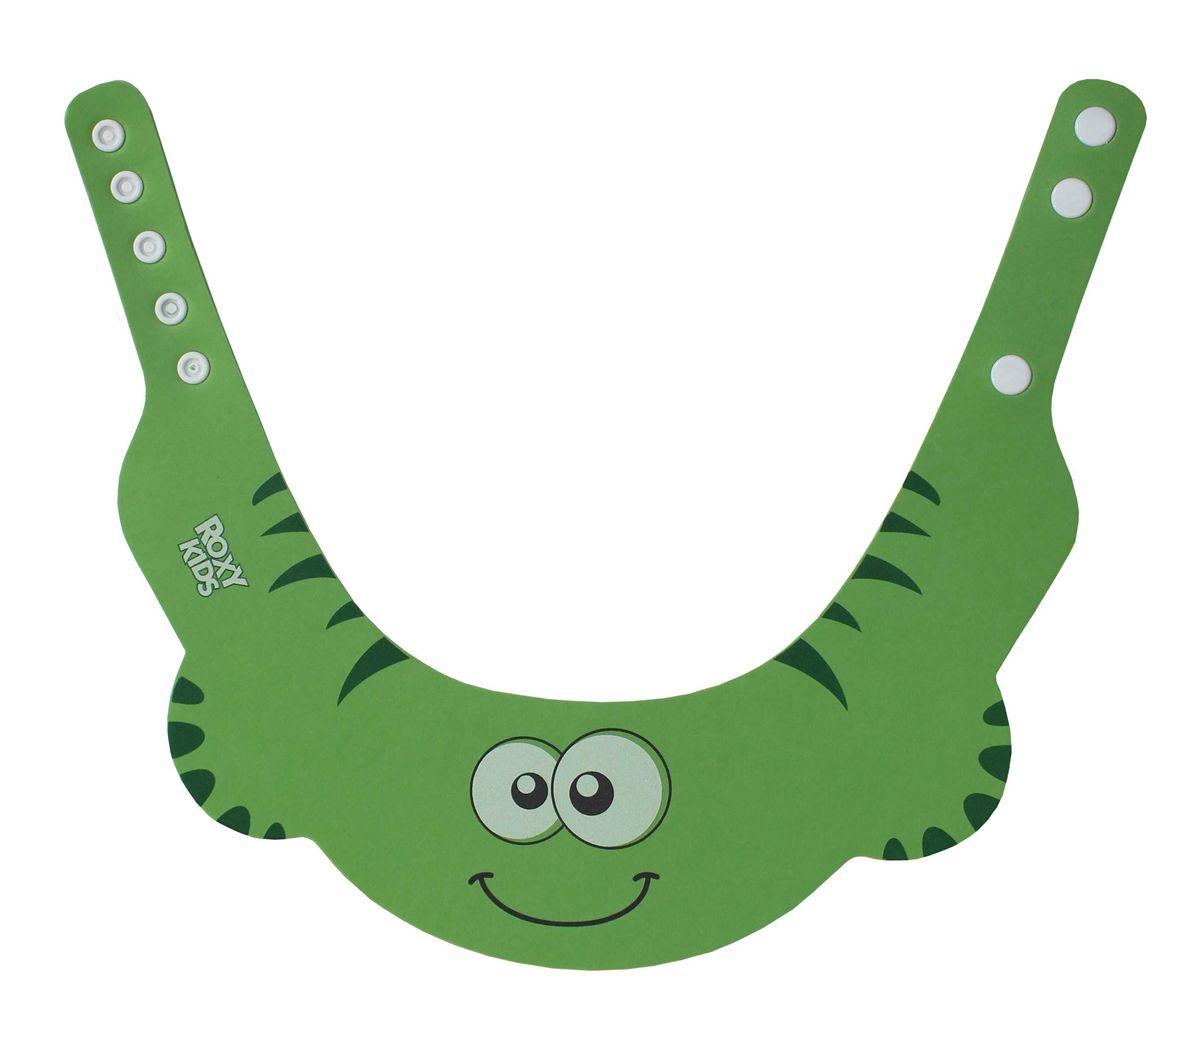 Roxy-kids Козырек защитный для мытья головы цвет зеленыйRBC-492-GКозырек для мытья головы детей Roxy-kids от 6 месяцев до 3 лет защитит глазки малыша от мыла и шампуня. Наденьте козырек для купания ребенка на голову малыша так, чтобы волосы остались над полями. Во время мытья головы шампунь не попадет ему в глаза, нос и уши, а процесс купания ребенка перестанет быть неприятным ежедневным испытанием для крохи и его родителей. С защитным козырьком ваш малыш не заплачет, когда ему моют голову. Козырек имеет удобные застежки и забавный дизайн, что очень понравится малышу.